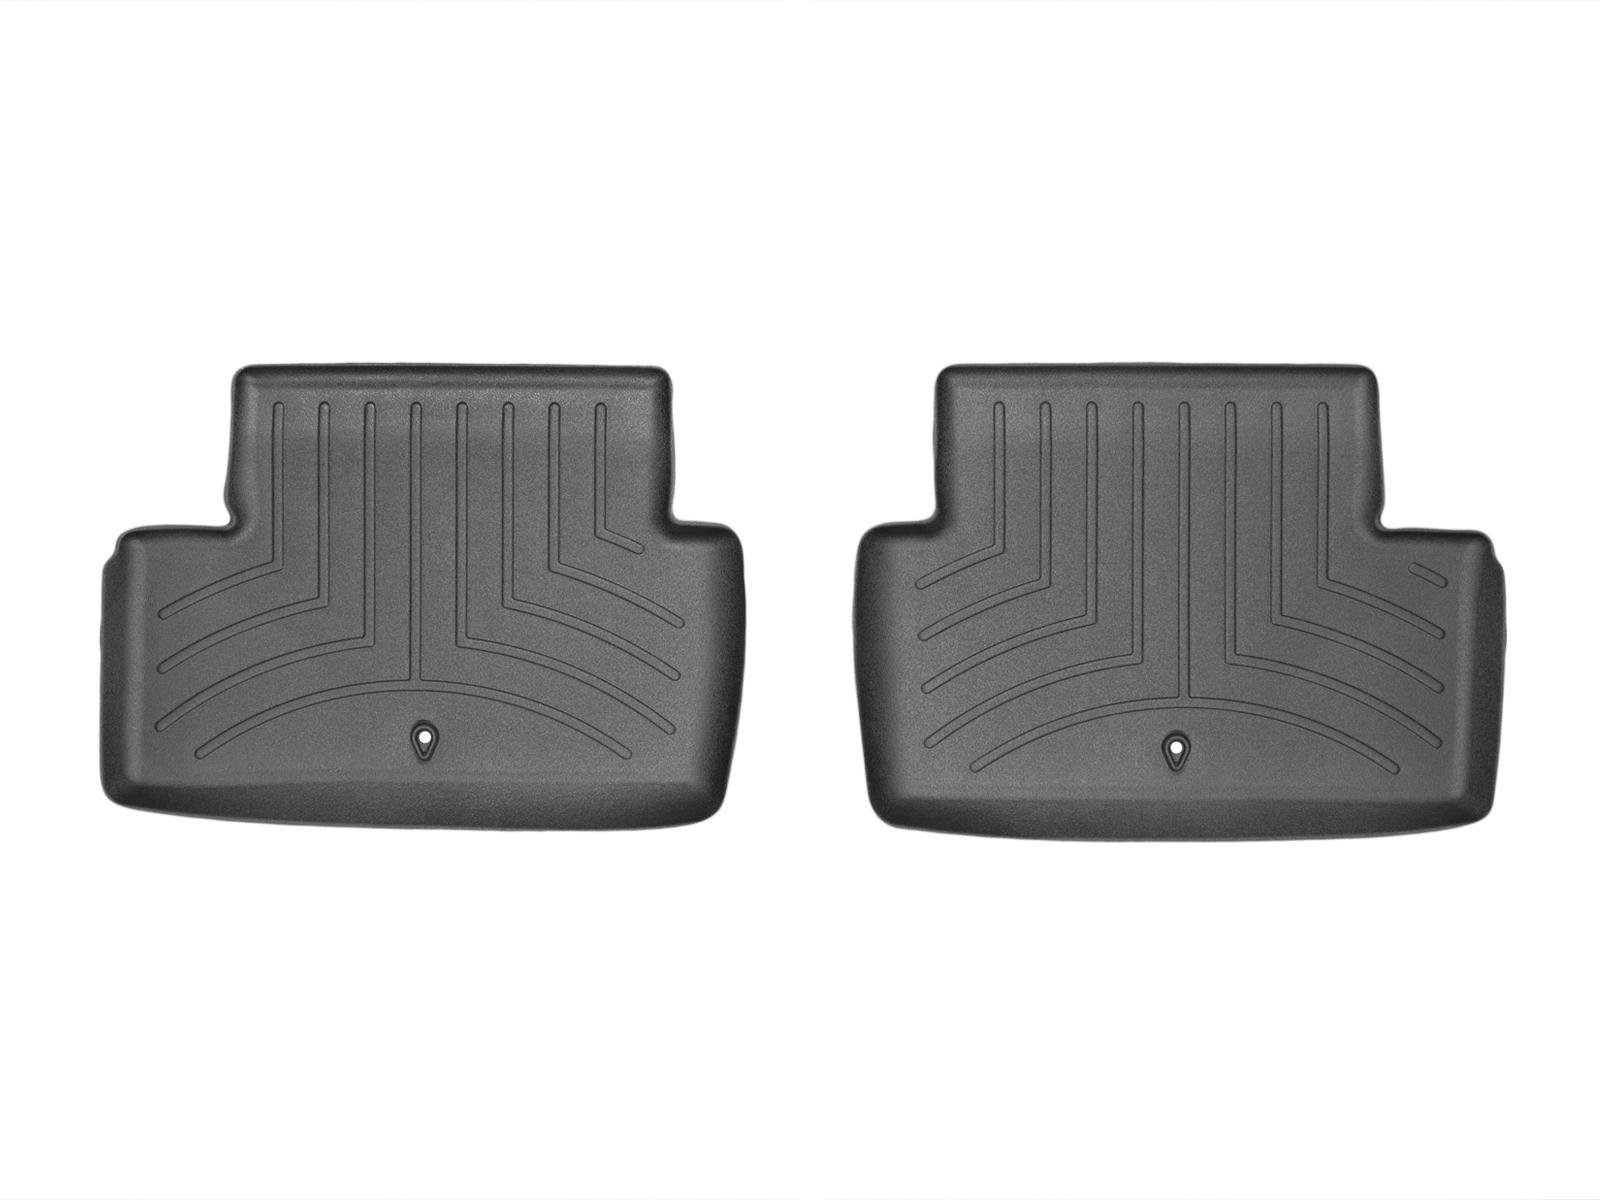 Tappeti gomma su misura bordo alto Renault Megane 08>15 Nero A3239